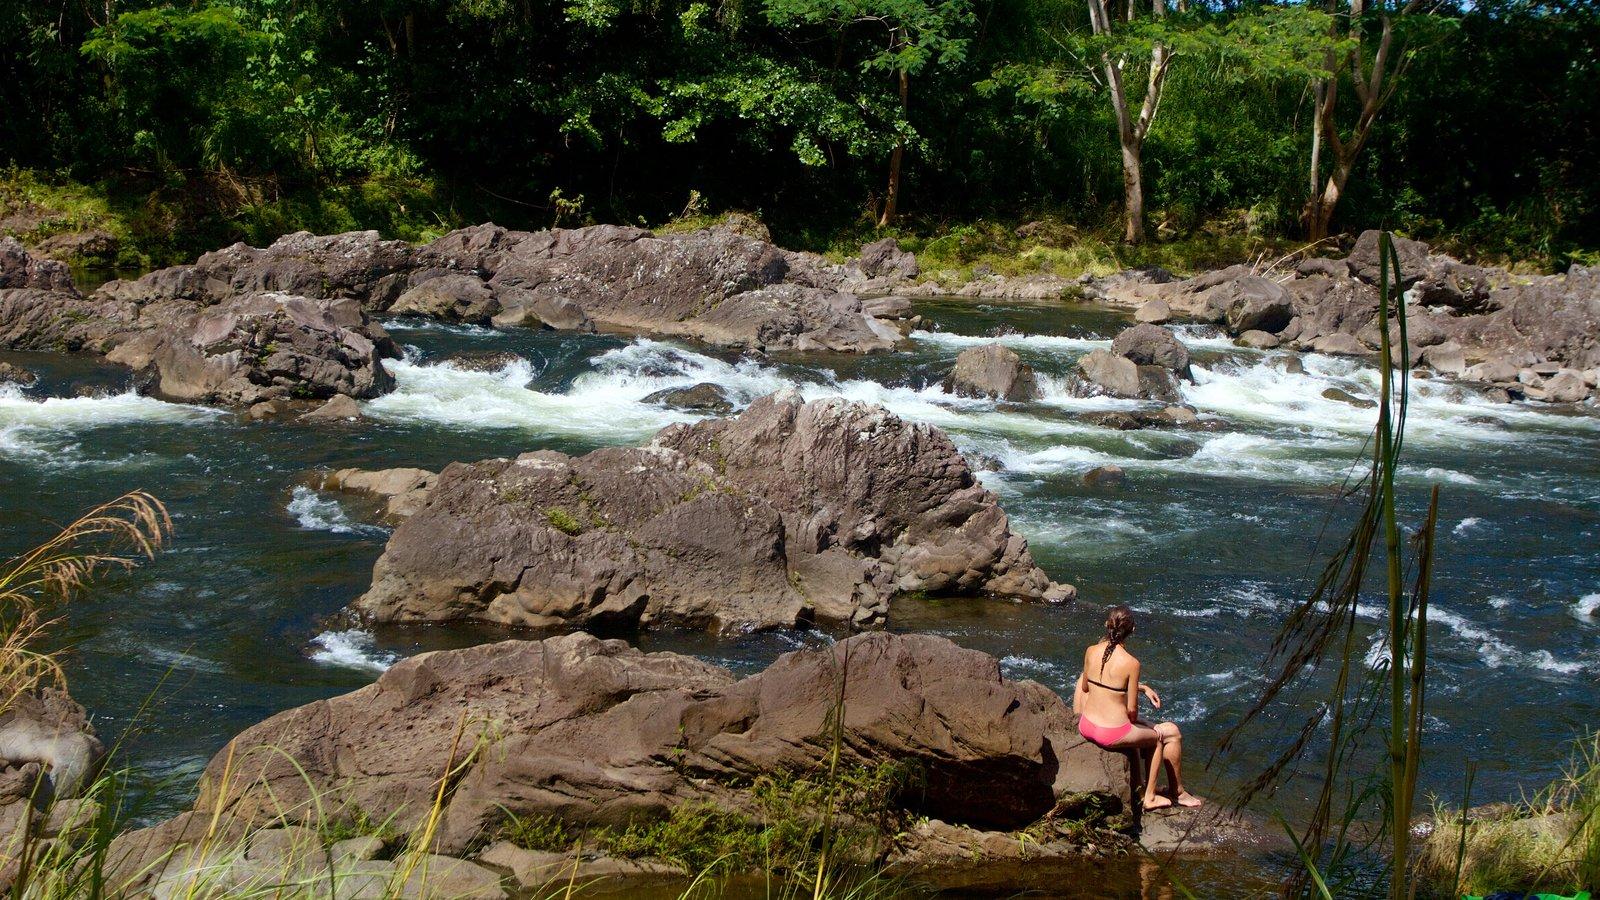 Rainbow Falls caracterizando um rio ou córrego e córrego assim como uma mulher sozinha